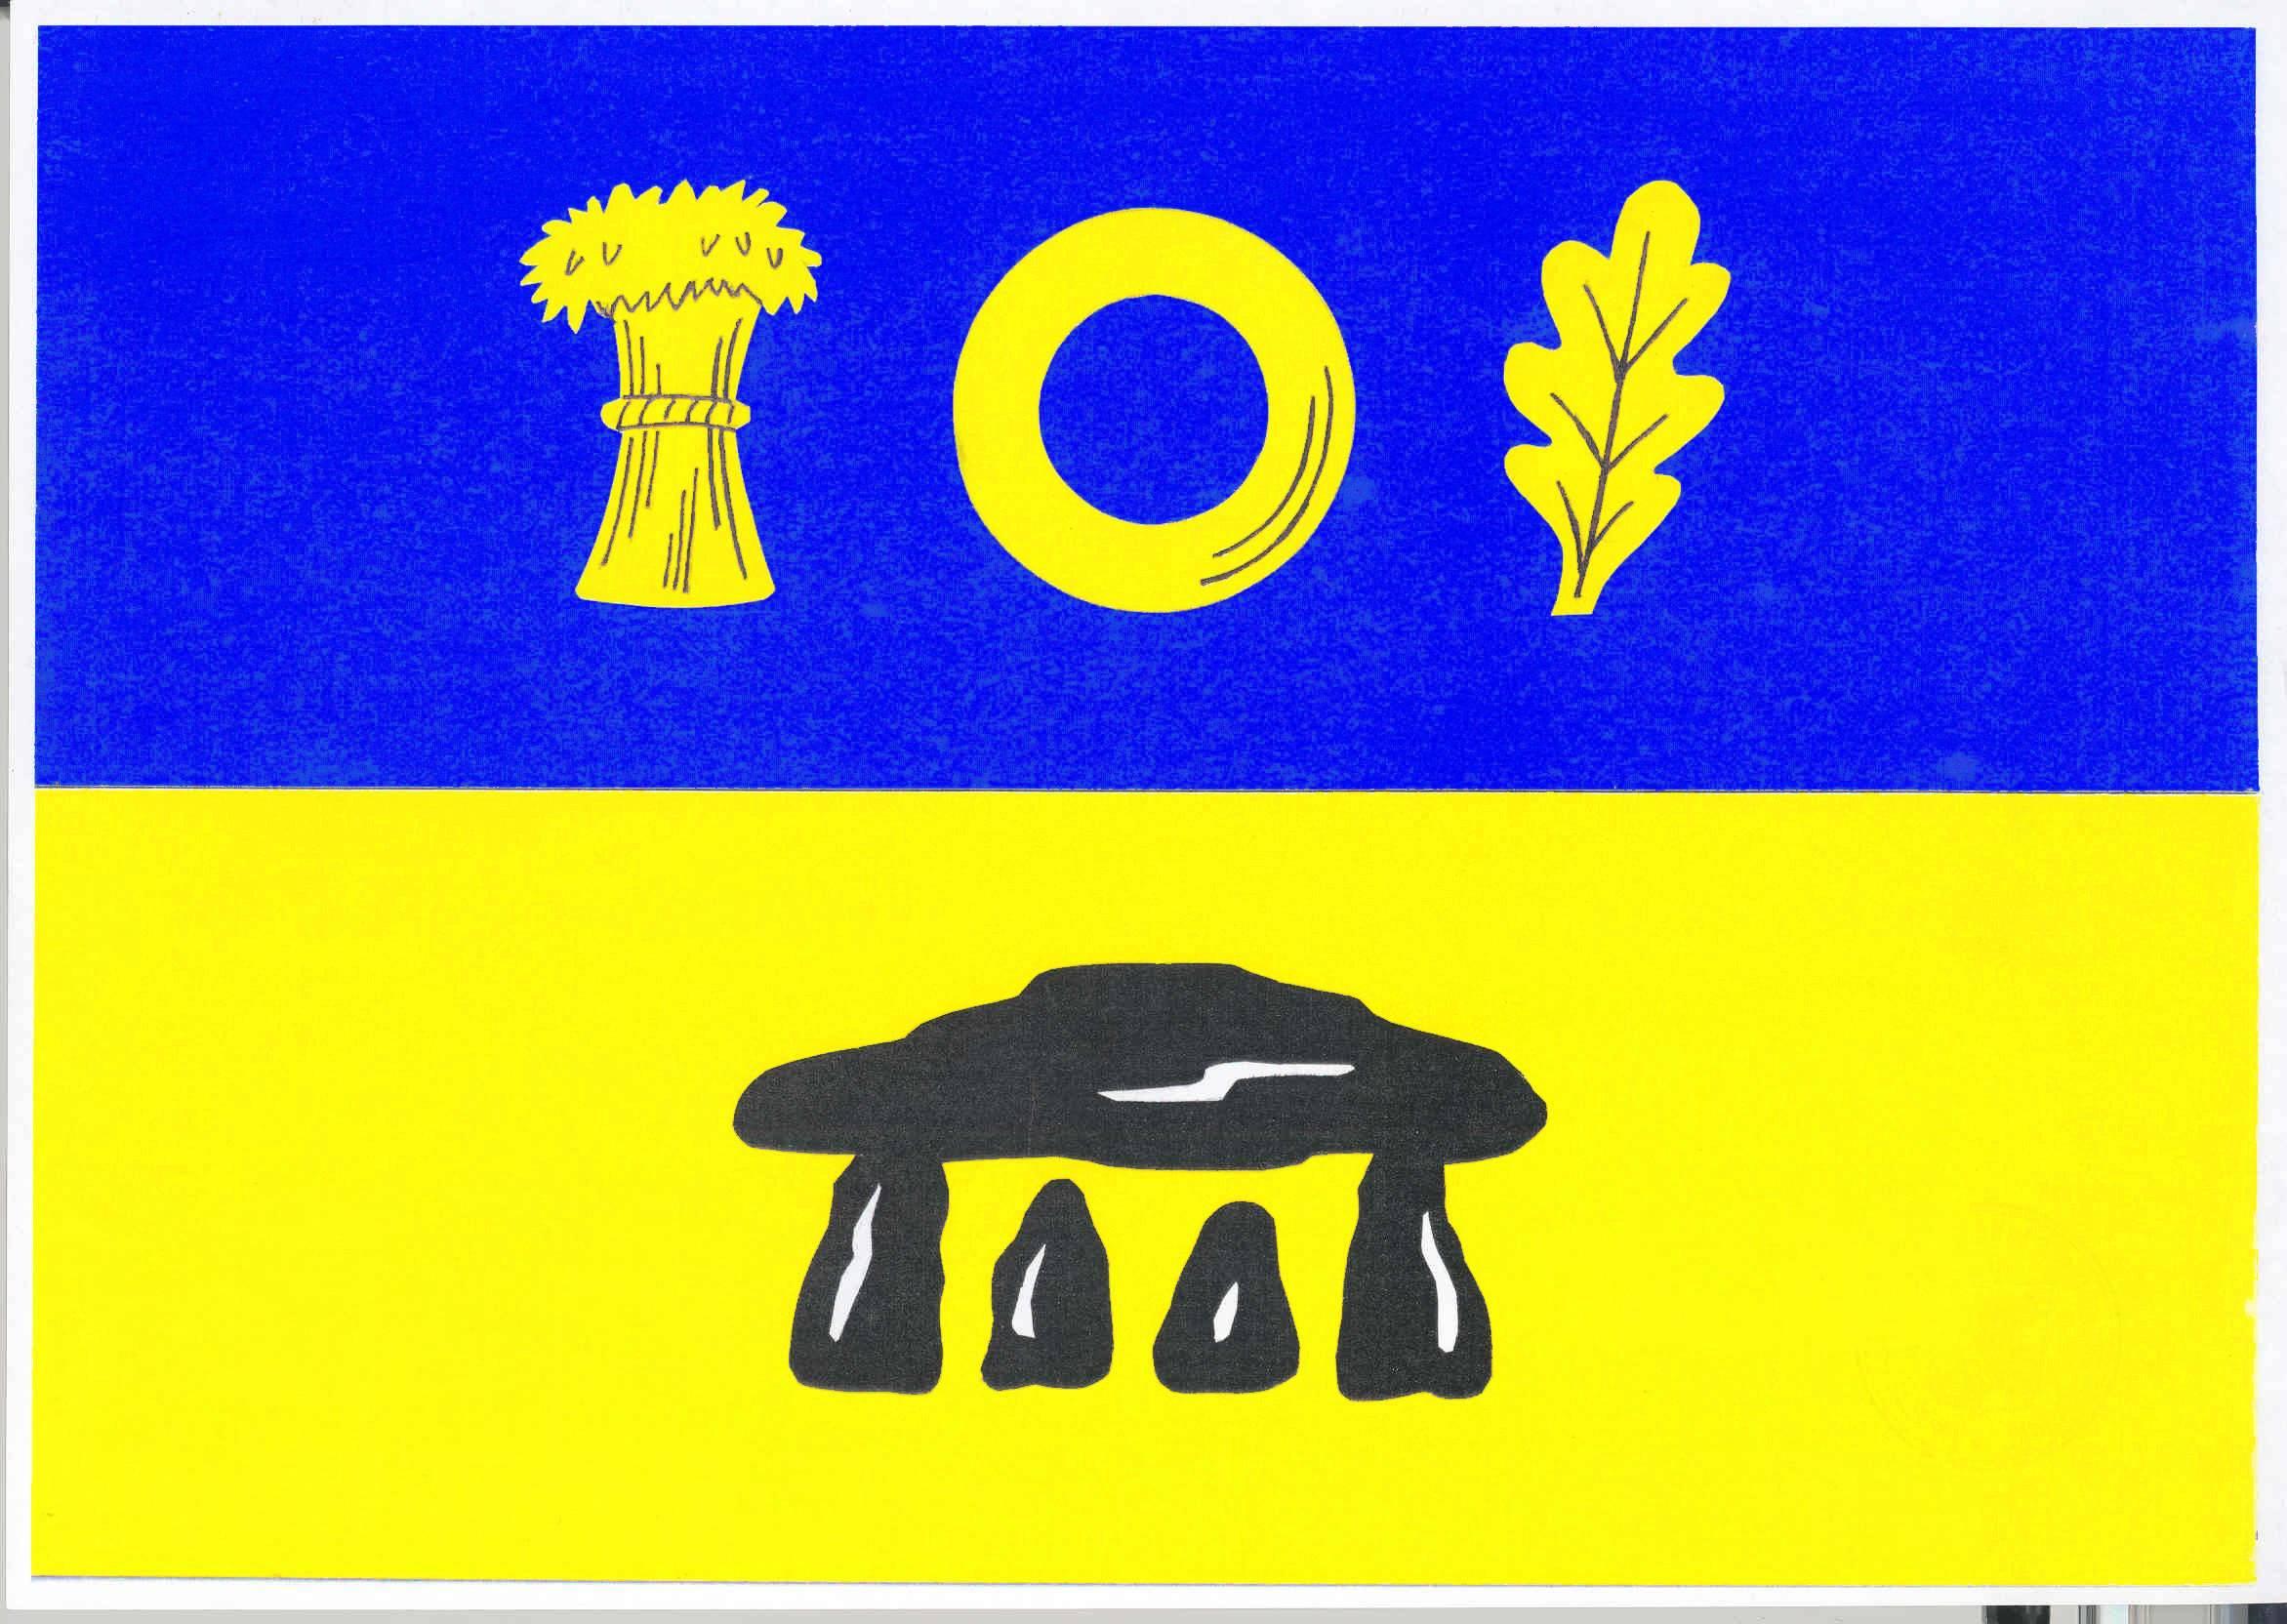 Flagge GemeindeRingsberg, Kreis Schleswig-Flensburg